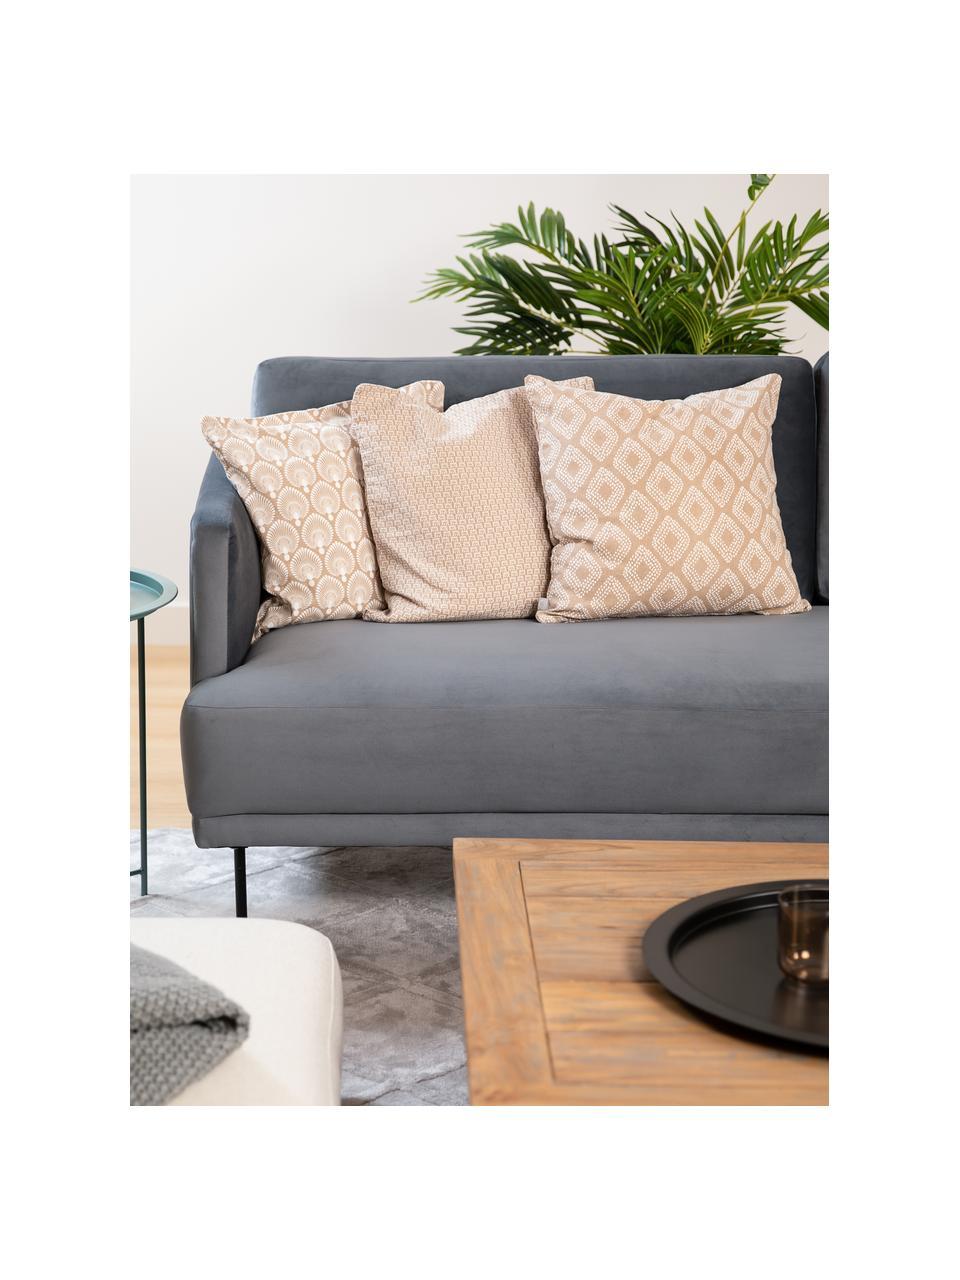 Komplet poszewek na poduszkę Cousin, 3 elem., 100% bawełna, Beżowy, biały, S 45 x D 45 cm